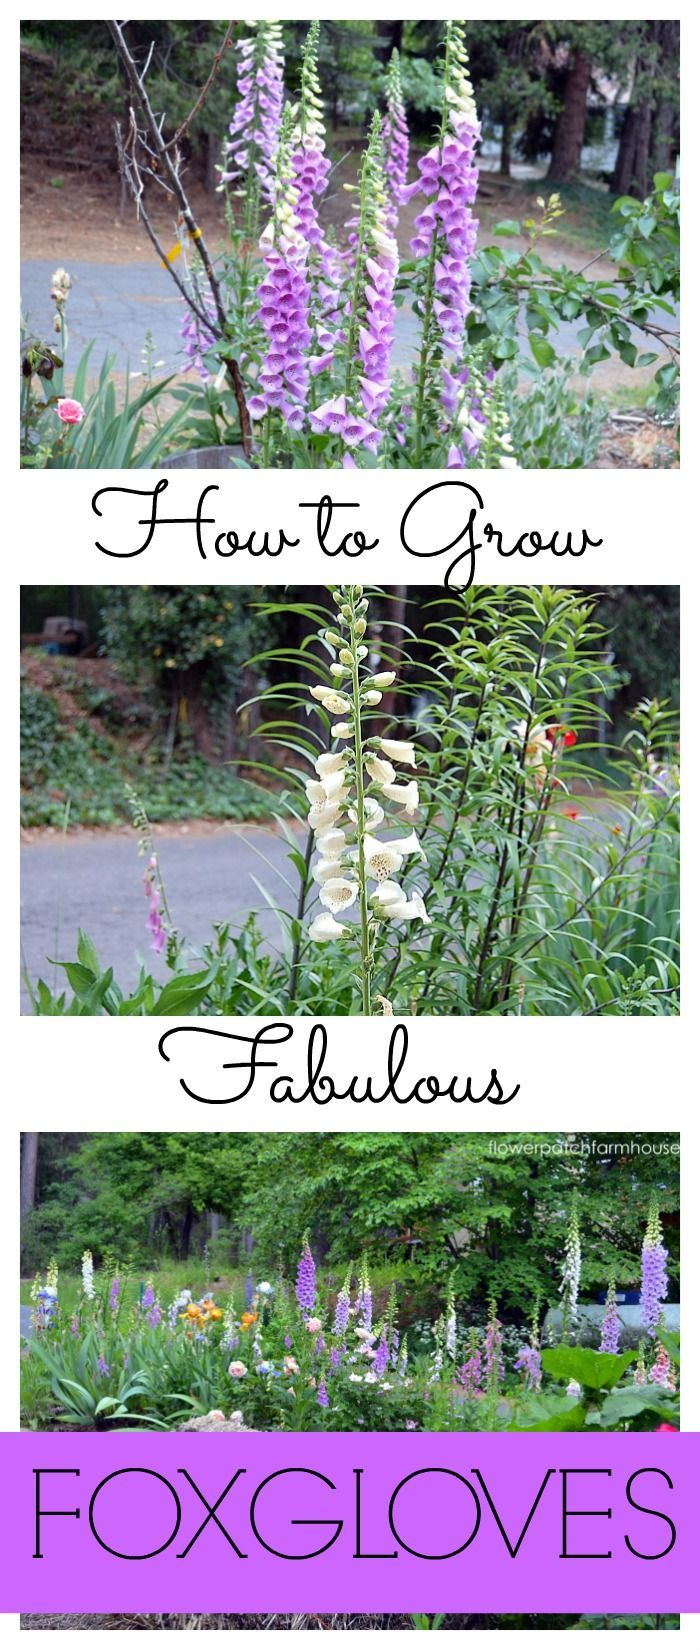 How to Grow Foxgloves  Flower Patch Farmhousefarmhouse